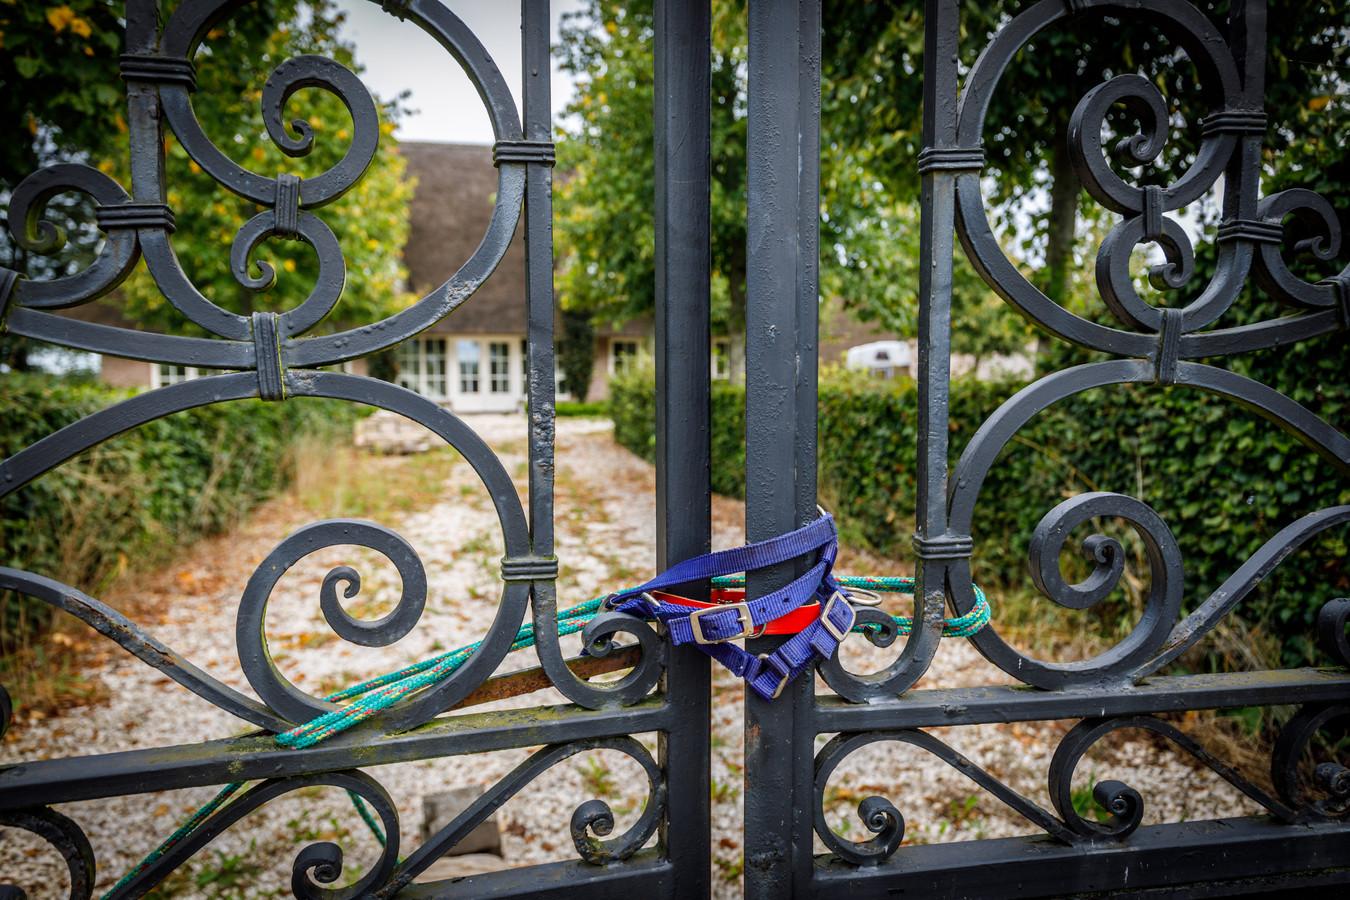 Het landgoed in Witharen van de in opspraak geraakte ondernemer Robert-Jan Mastenbroek staat inmiddels te koop voor 1,1 miljoen euro.